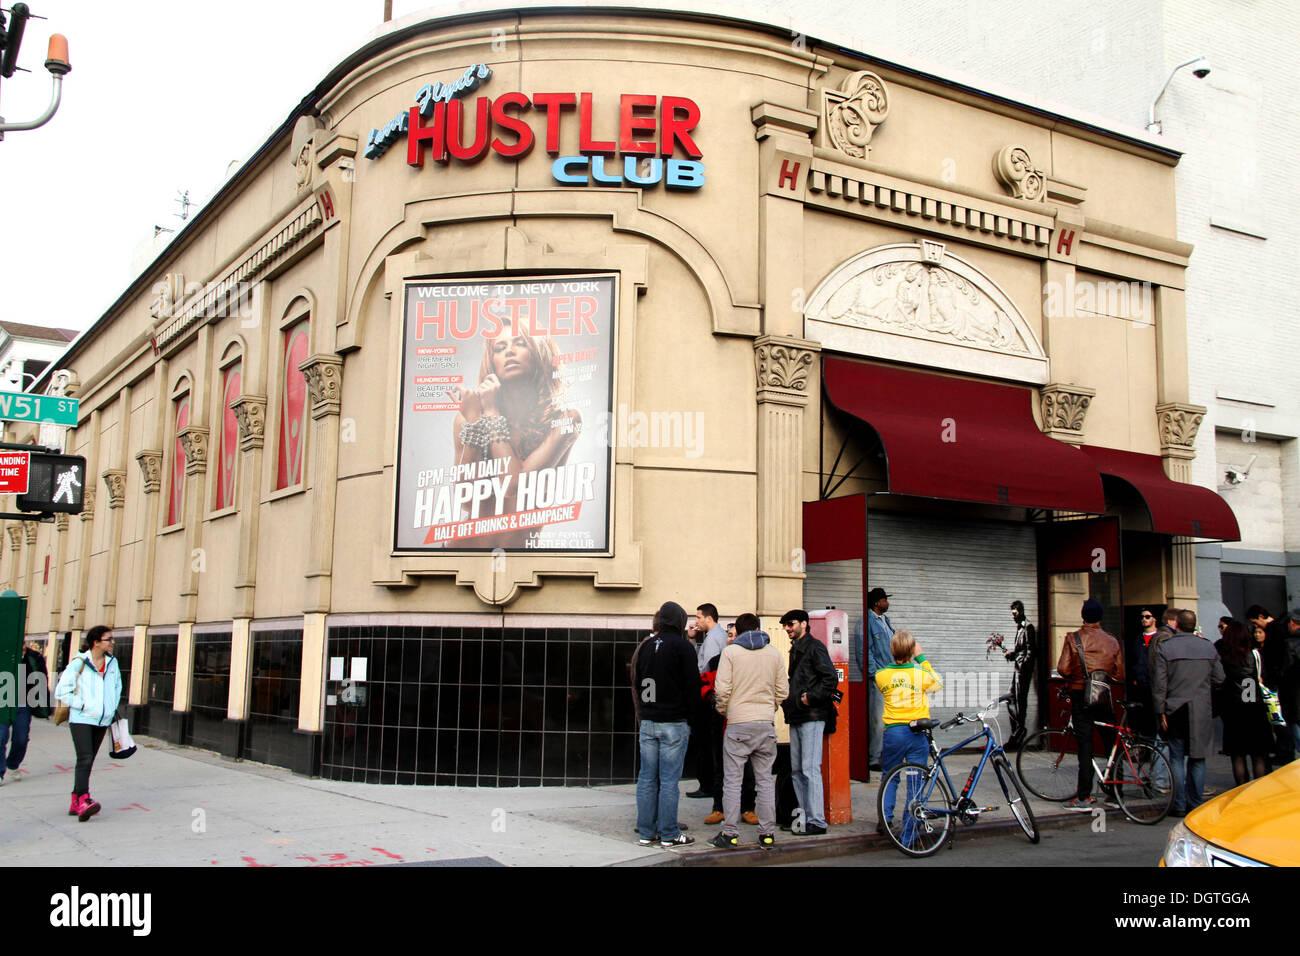 Larry flynts hustler new york 4